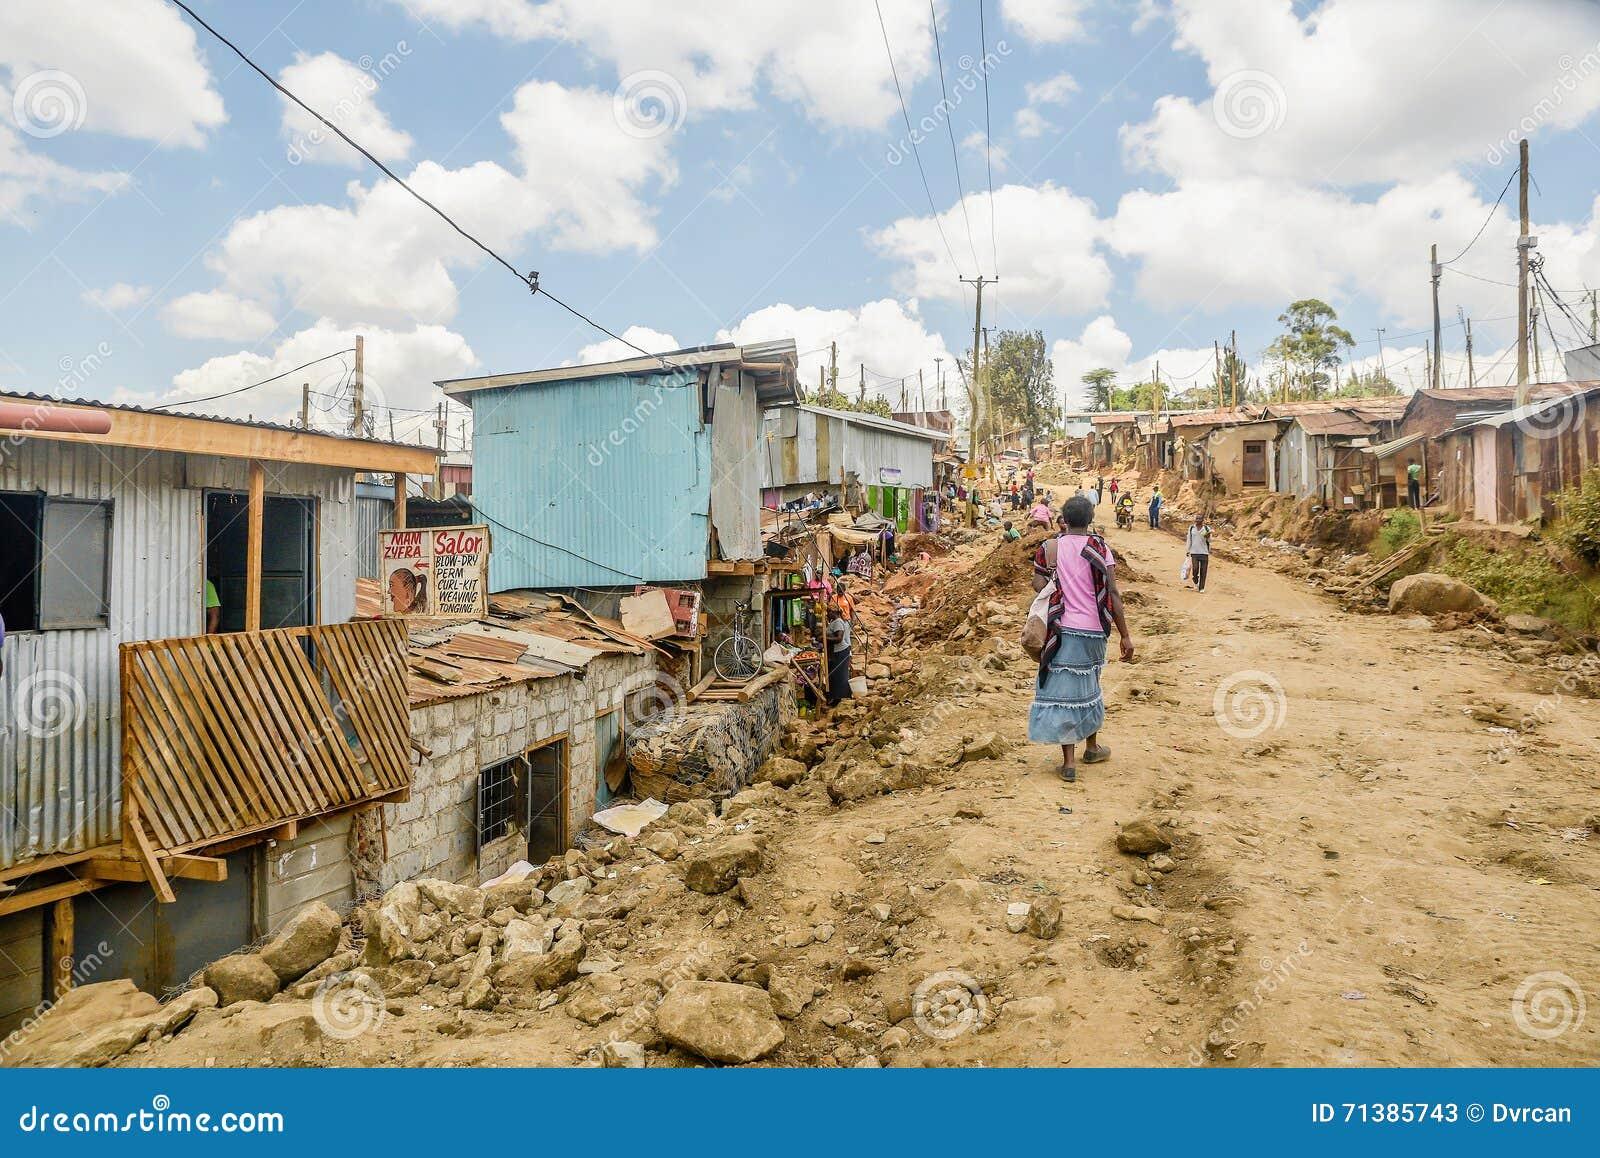 Dia a dia de povos locais do precário de Kibera em Nairobi, Kenya